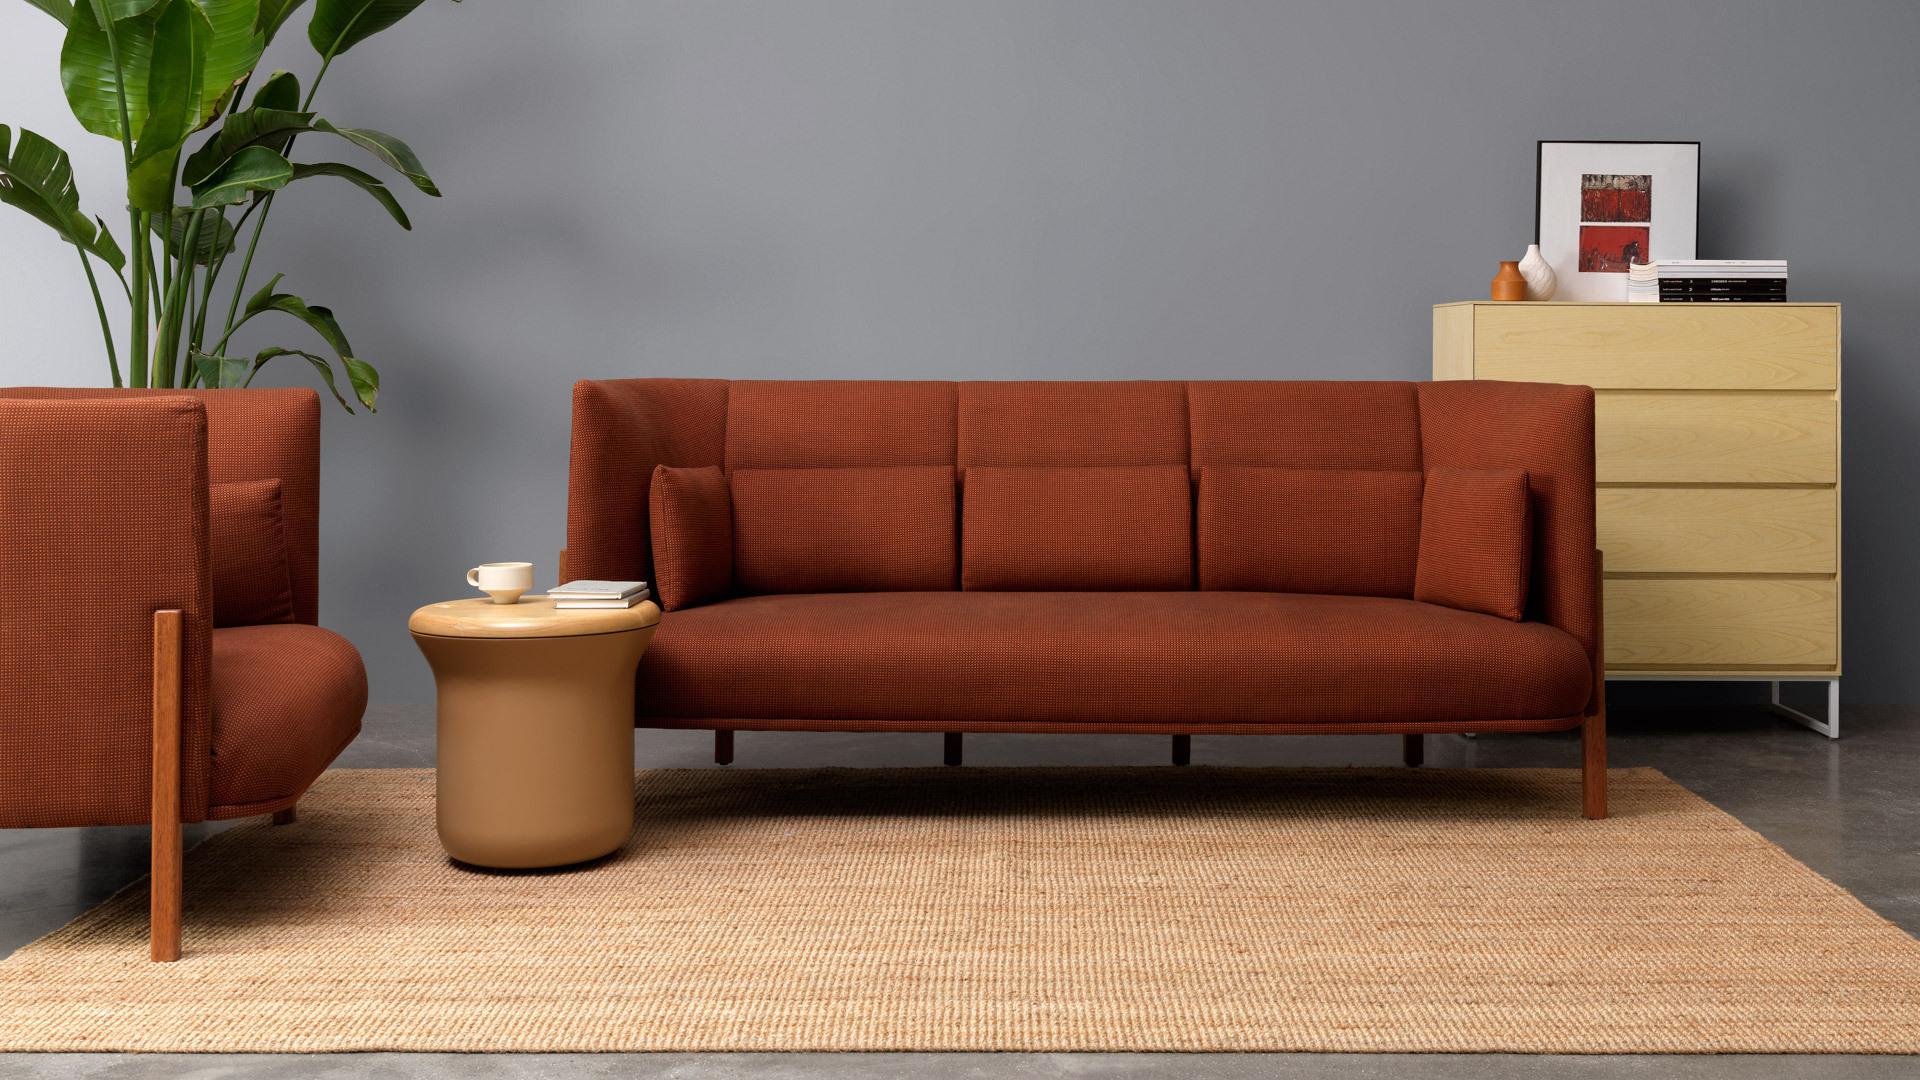 客厅收纳边柜,空间更简洁规整